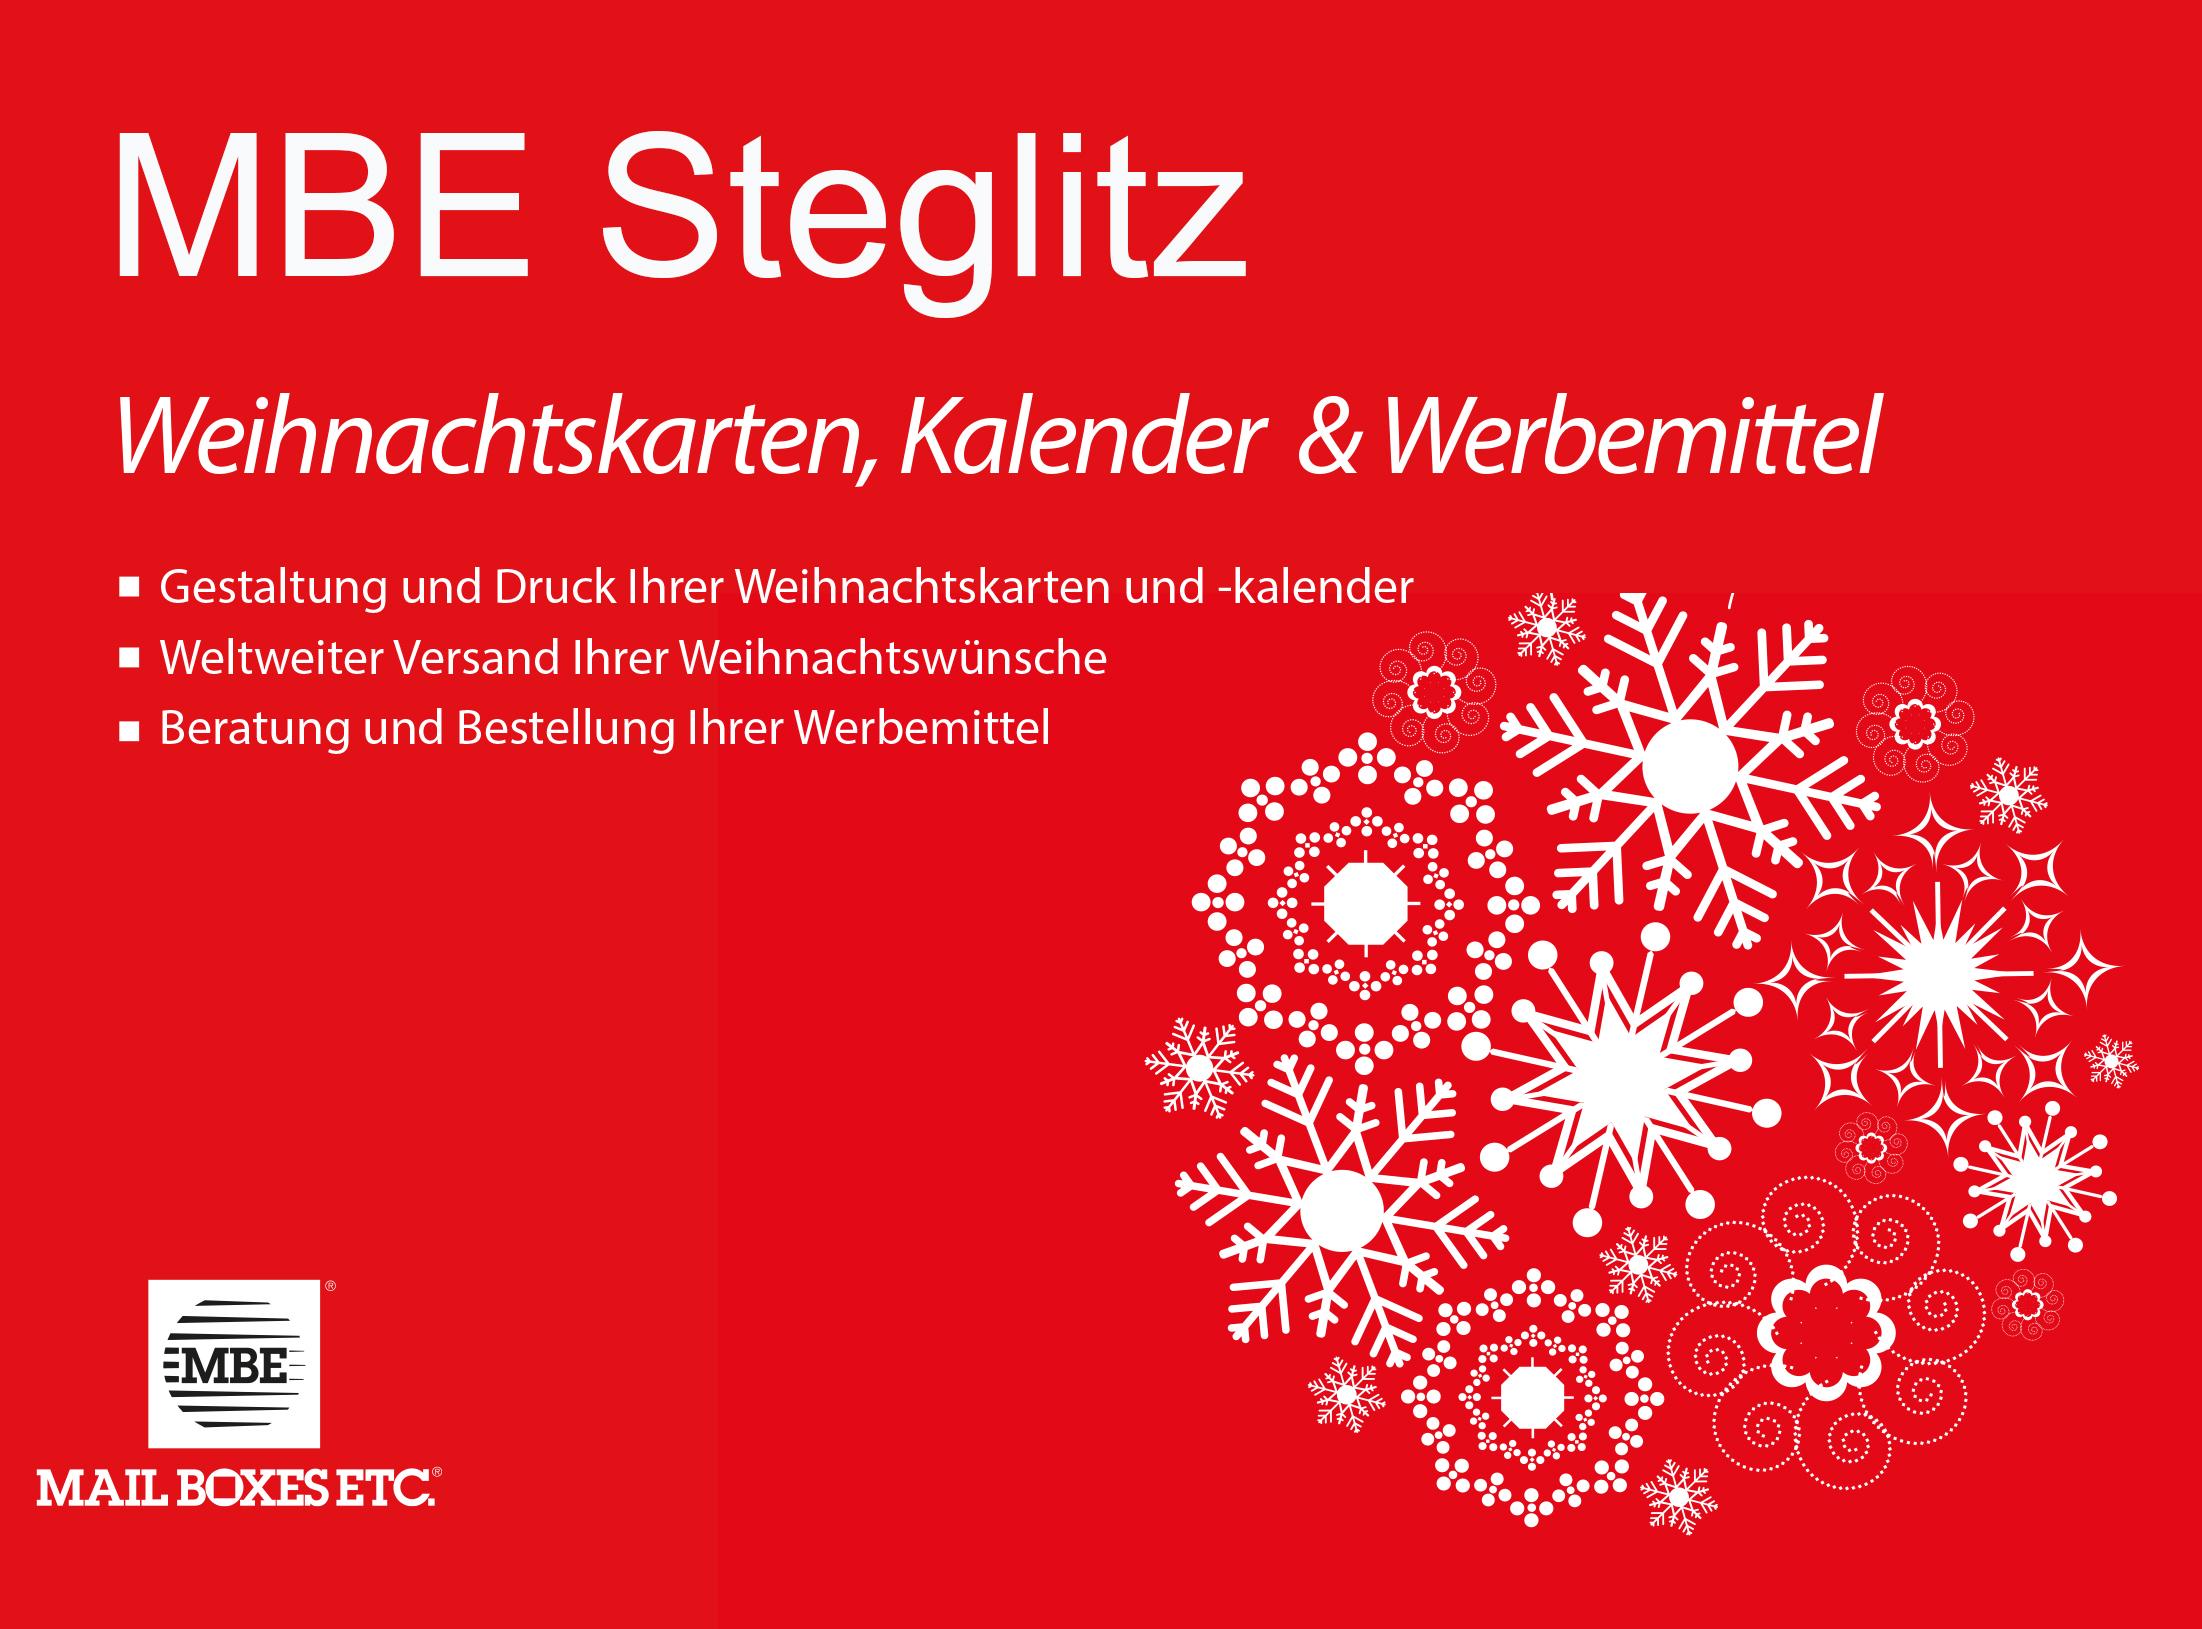 Weihnachtskarten Berlin.Weihnachten Grafik Und Druckservice In Berlin Steglitz Mail Boxes